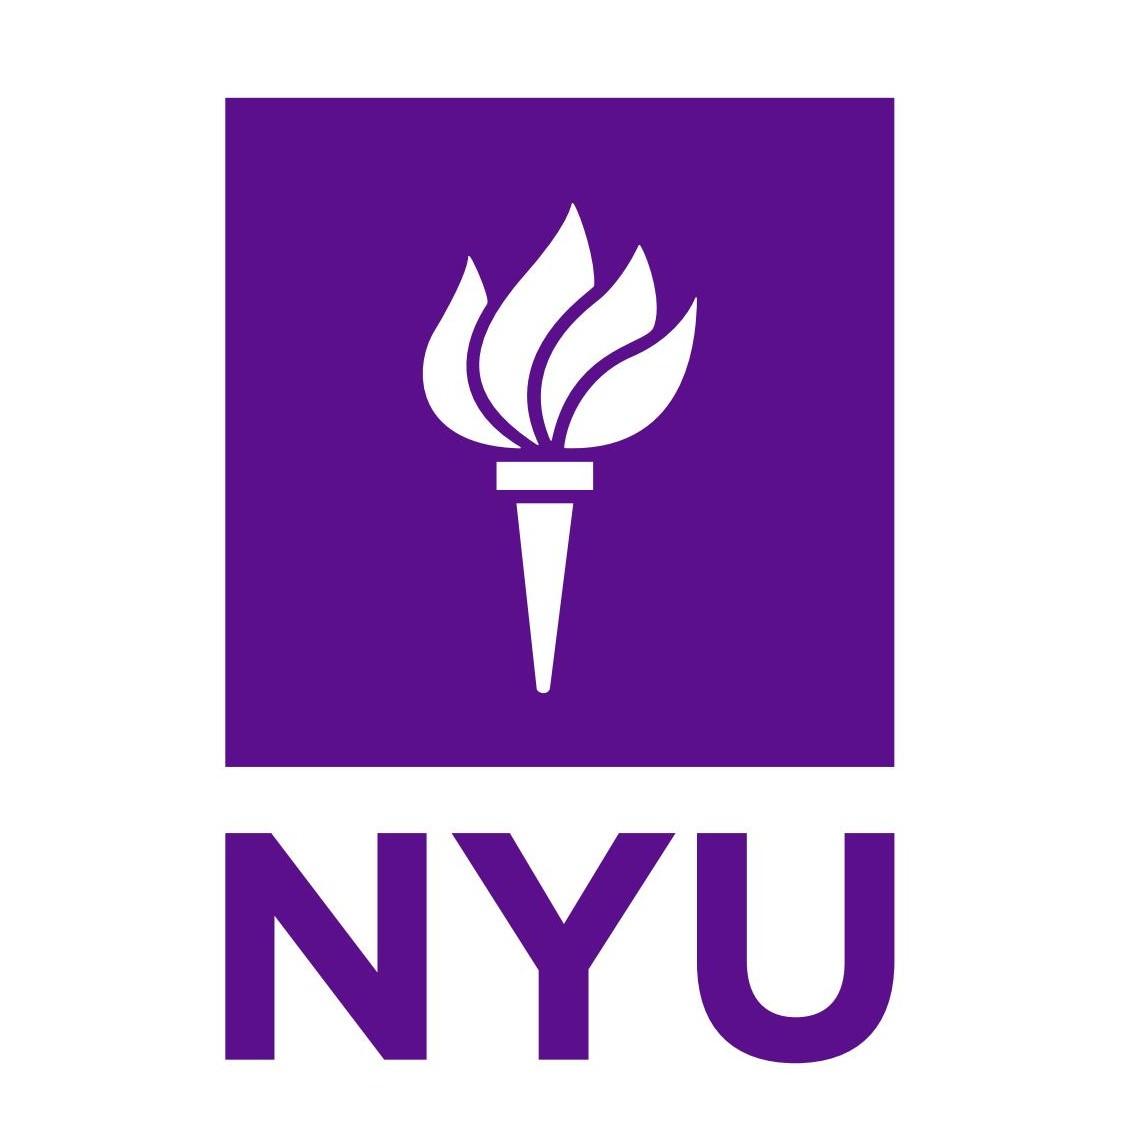 nyu_logo_new_york_university.jpg